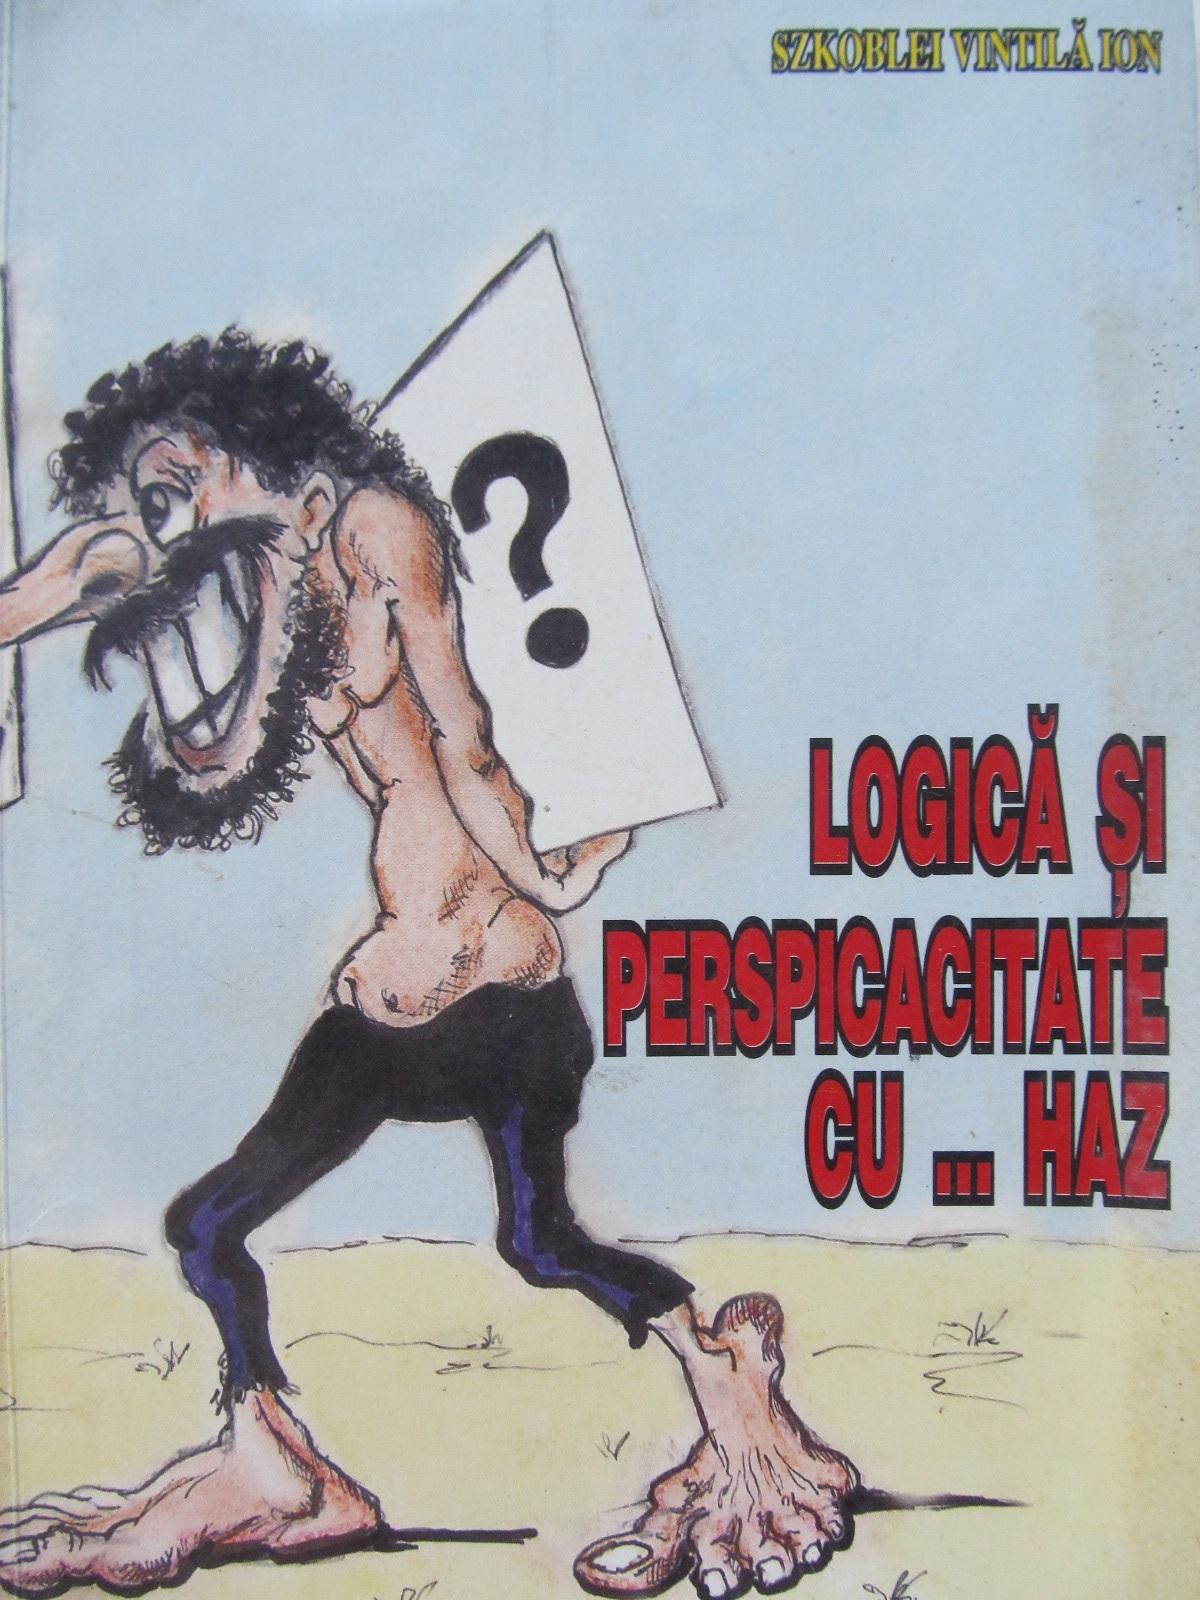 Logica si perspicacitate cu ... haz - Szkoblei Vintila Ion | Detalii carte